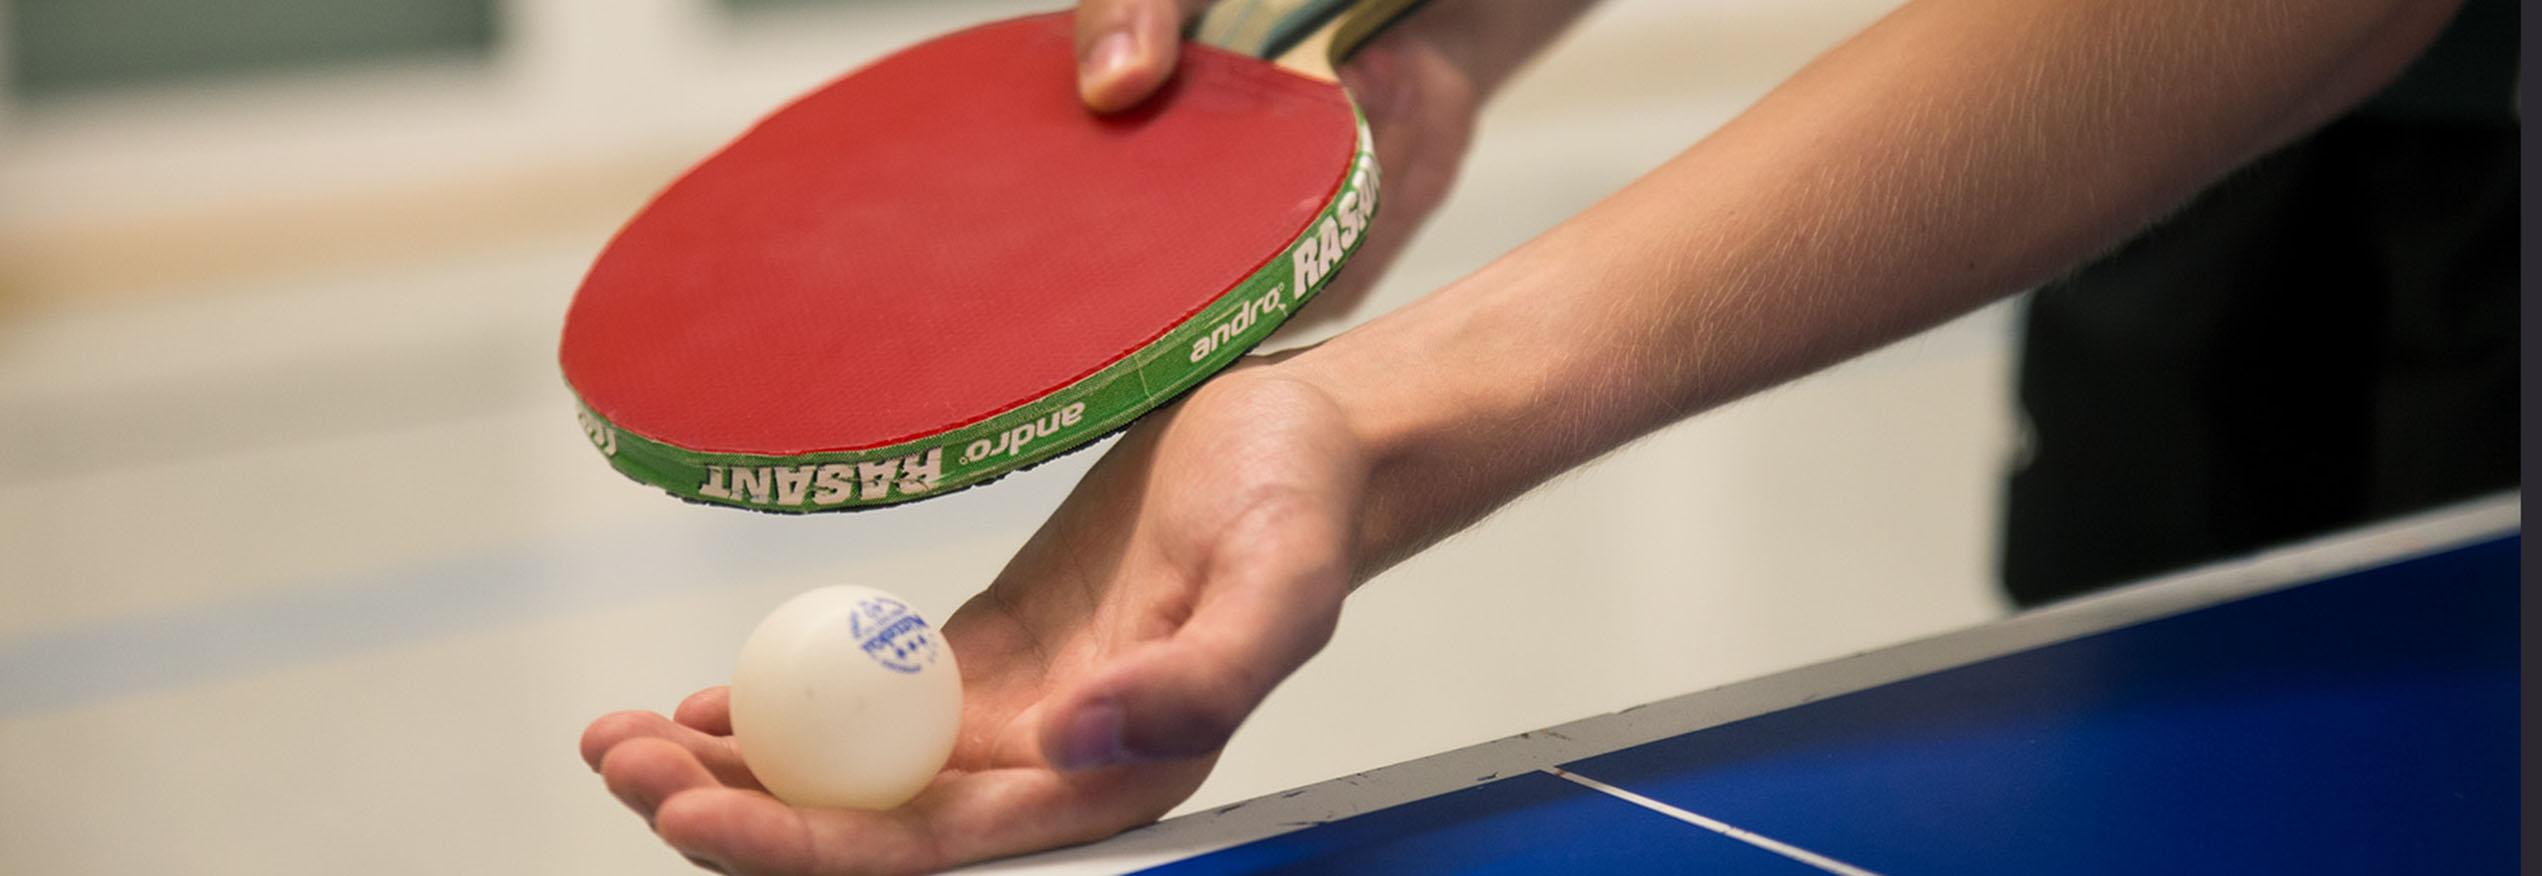 Willkommen beim Tischtennis Club Eschbach